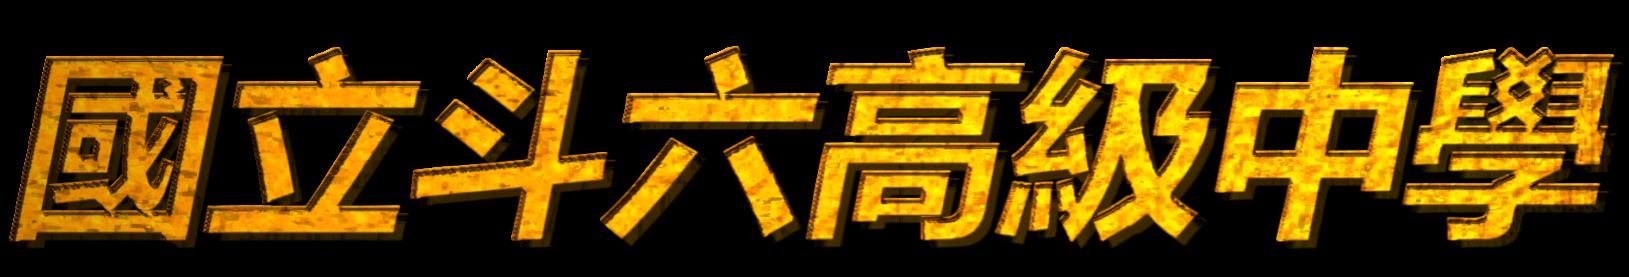 TLSH Logo